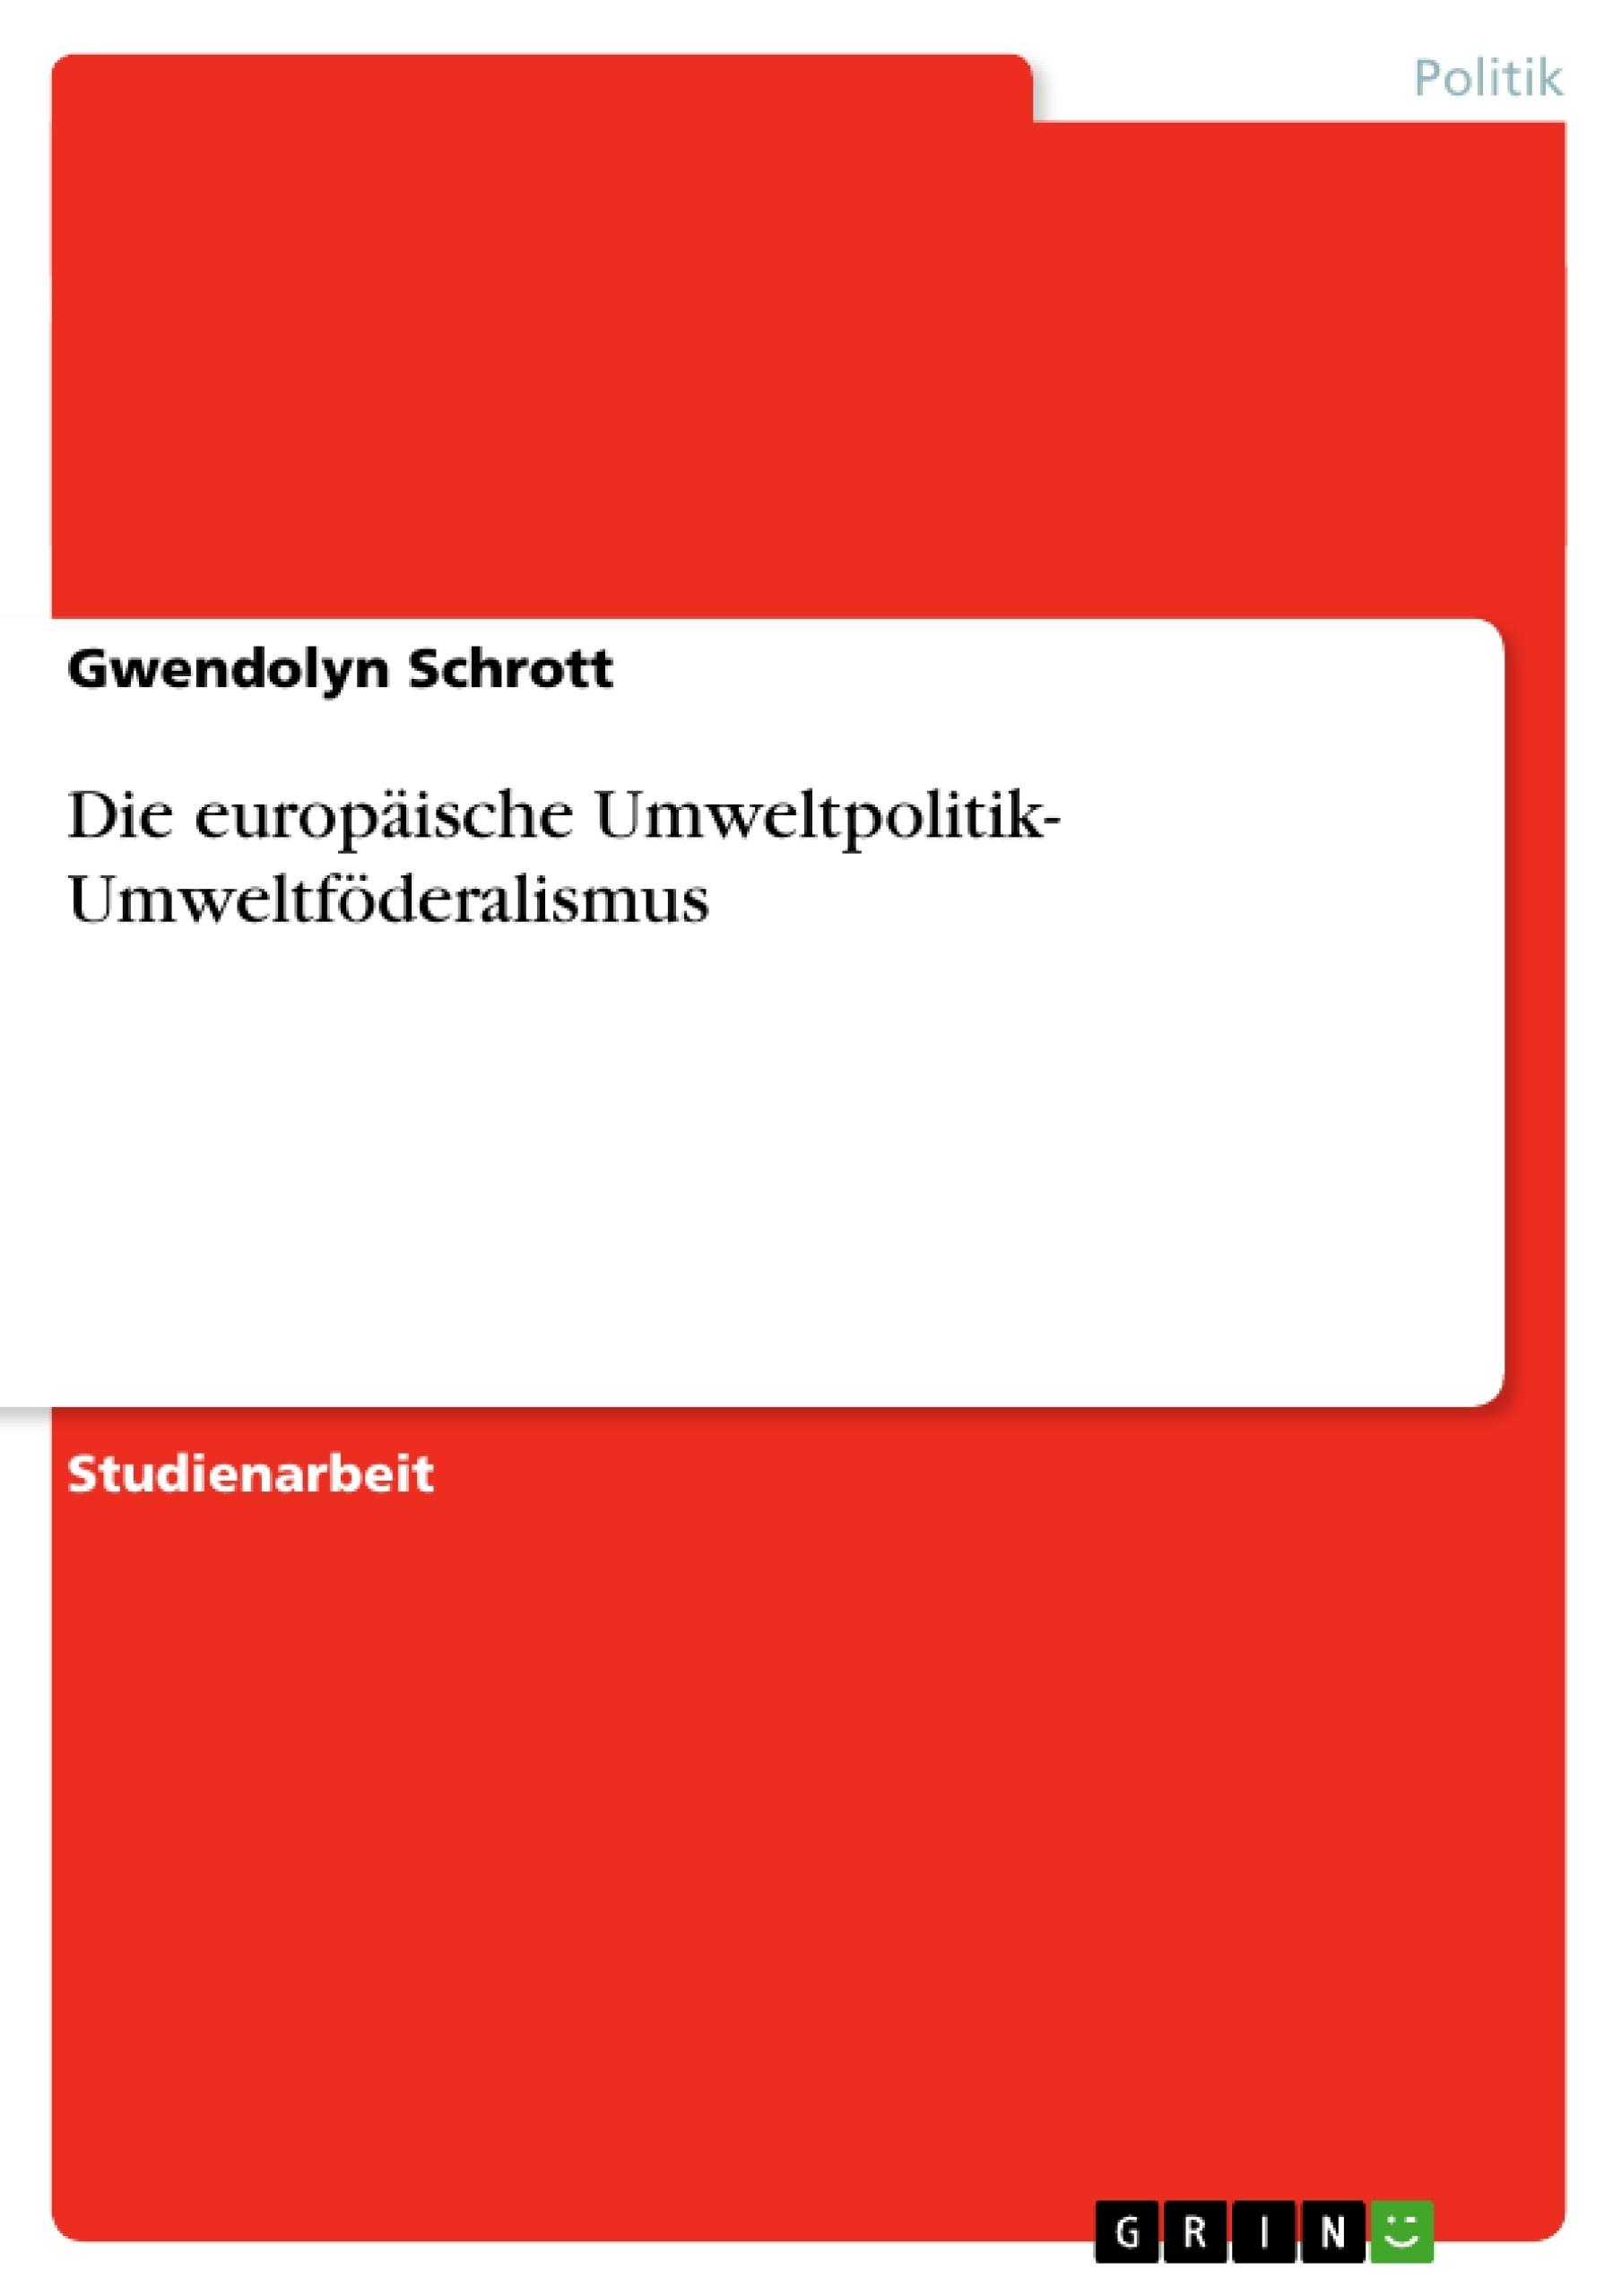 Titel: Die europäische Umweltpolitik- Umweltföderalismus